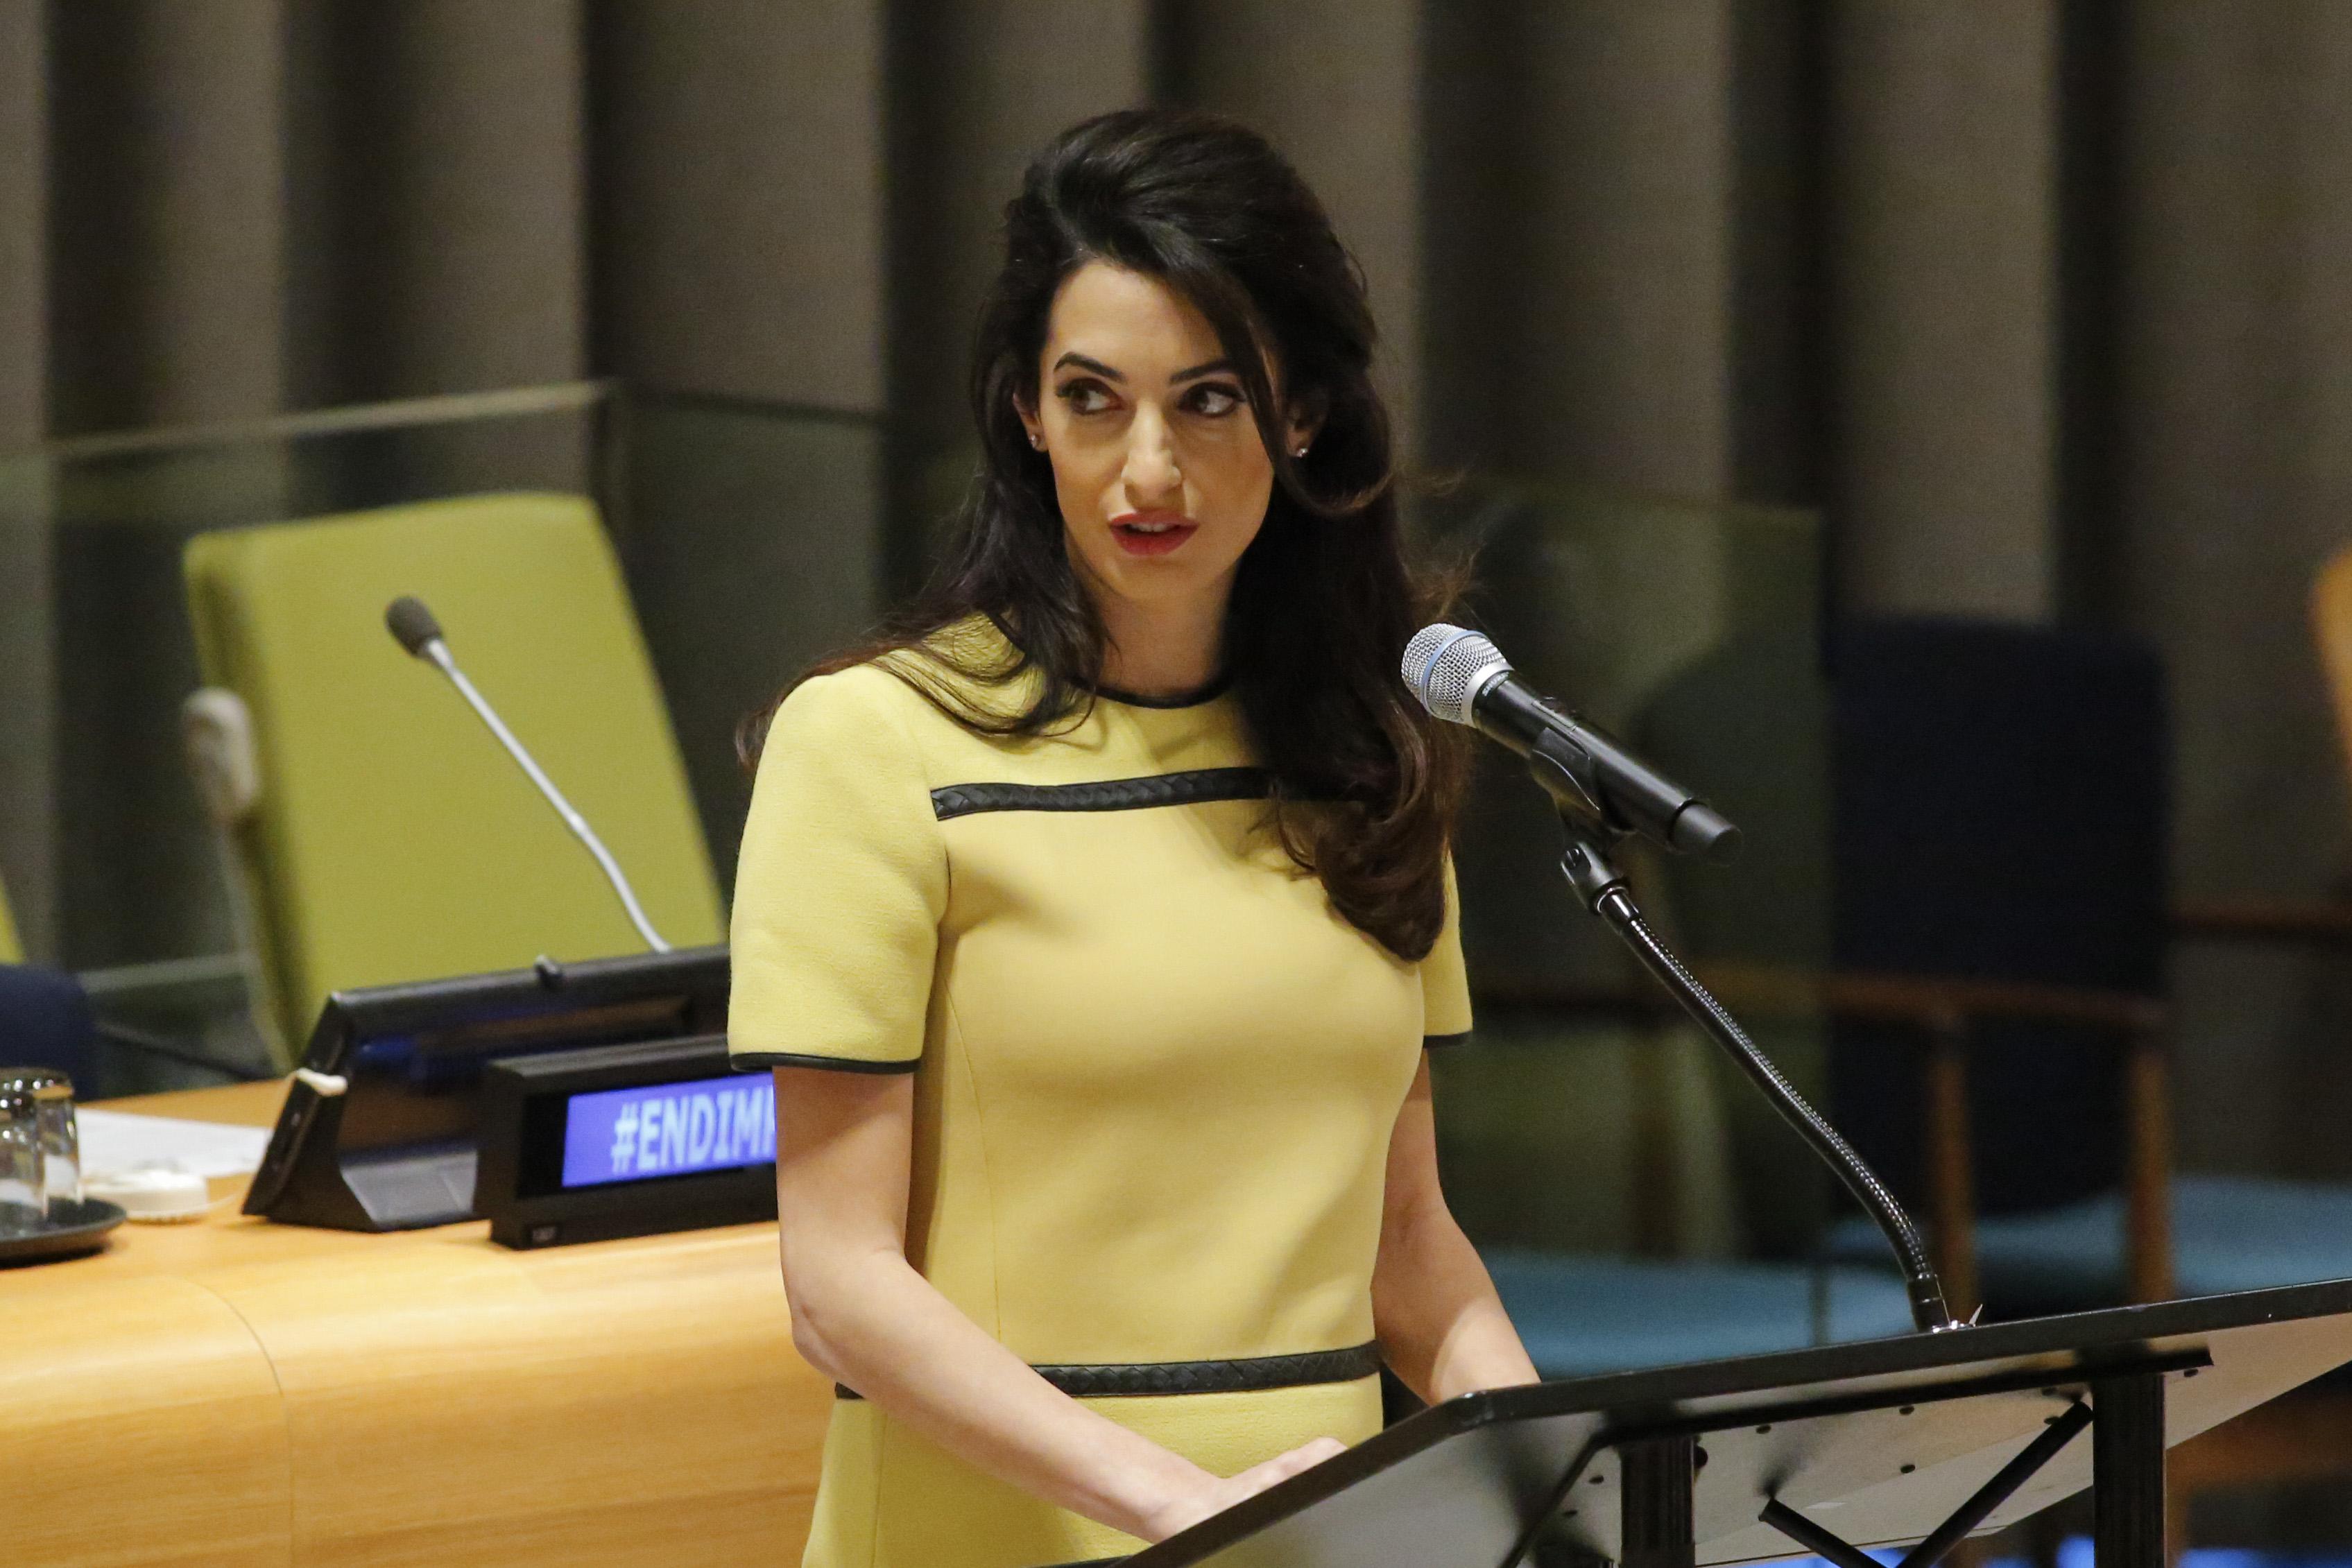 """Klartext zum IS-Völkermord: """"Behindern mächtige Staaten die Aufklärung?"""" – Amal Clooney fragt UN"""